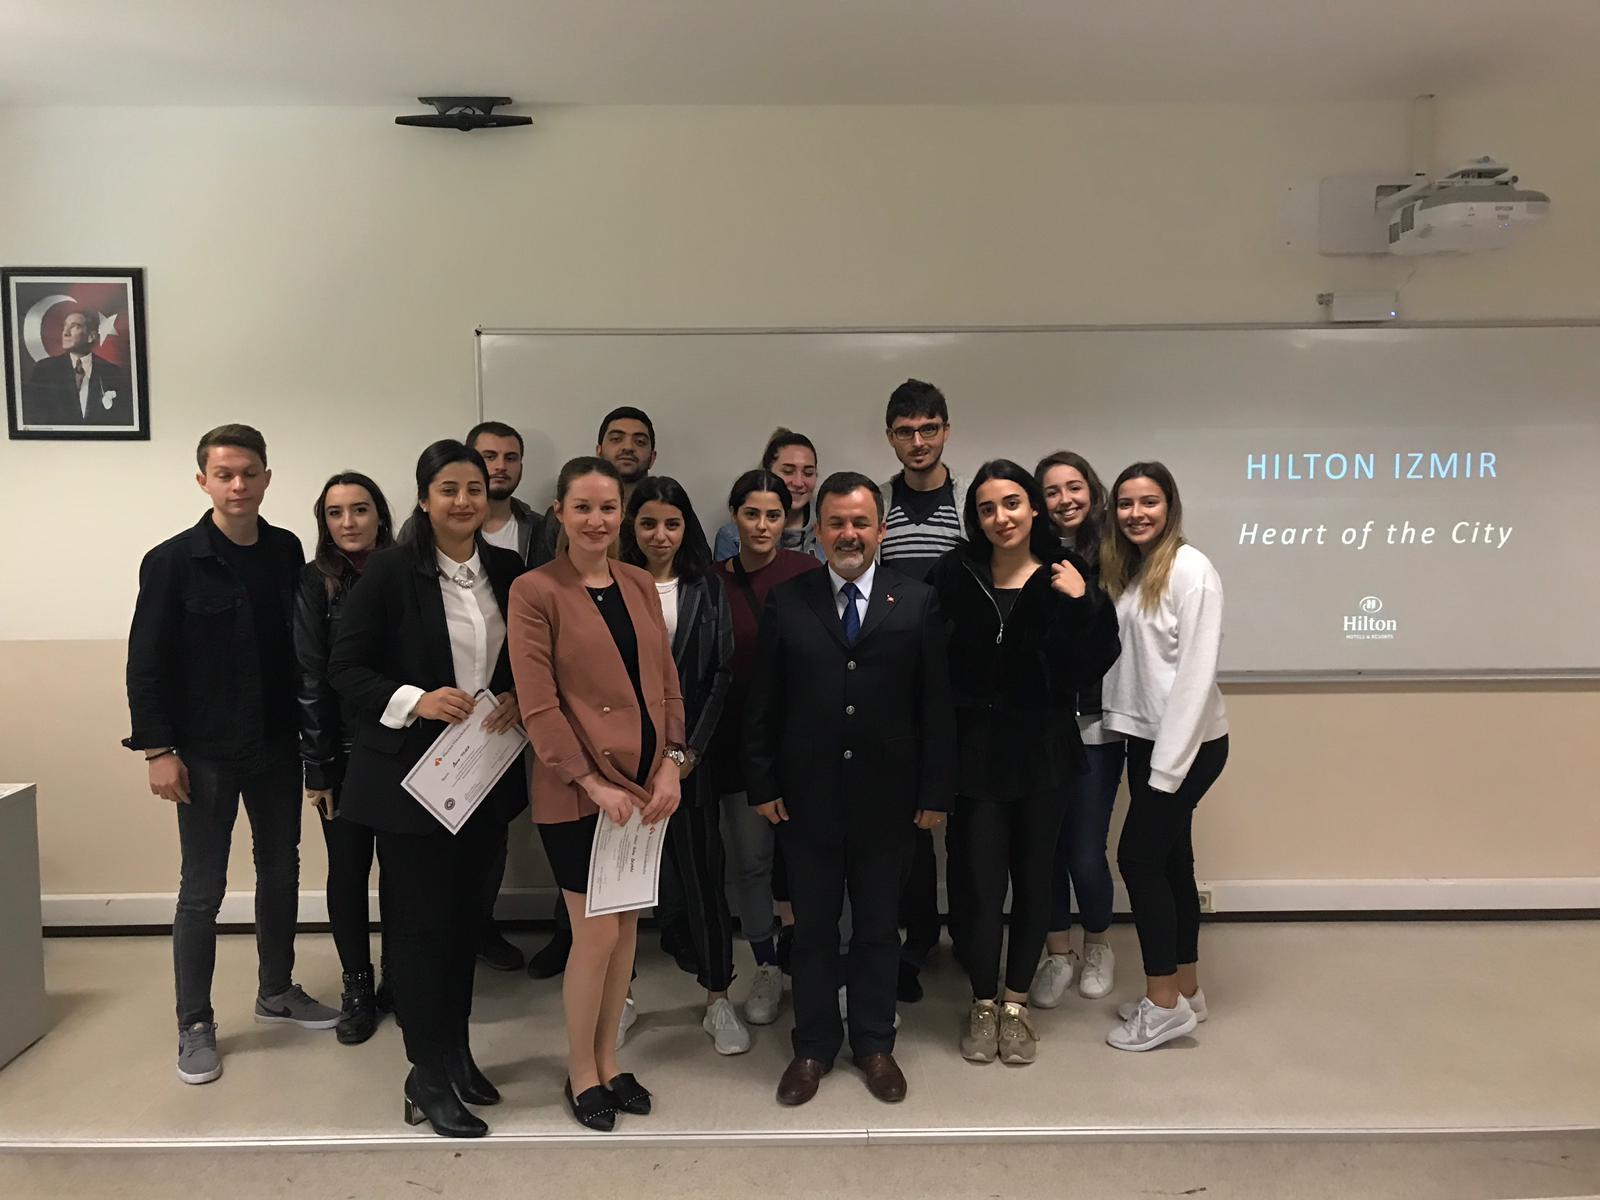 KEY Hotel ve Hilton Oteli'nden Profesyoneller Turizm Öğrencileri ile Buluştu